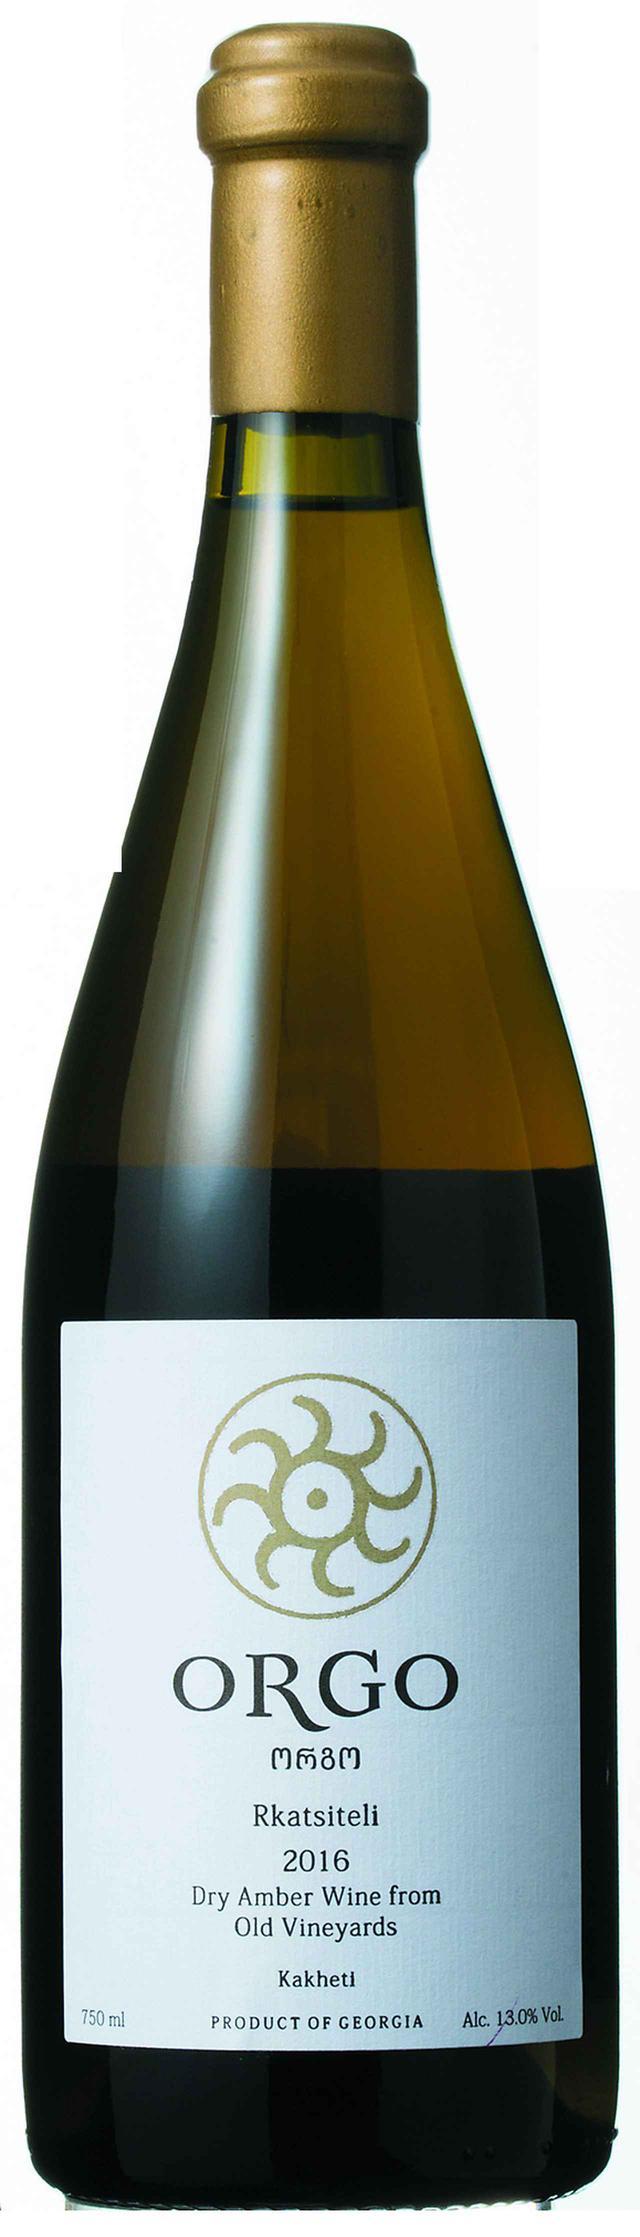 画像: 『ルカツィテリ・クヴェヴリ・アンバー・ワイン 2016年』 生産者:オルゴ 生産地域:カヘティ 品種:ルカツィテリ100% 価格:3800円(税別) 輸入元:㈱アルカン